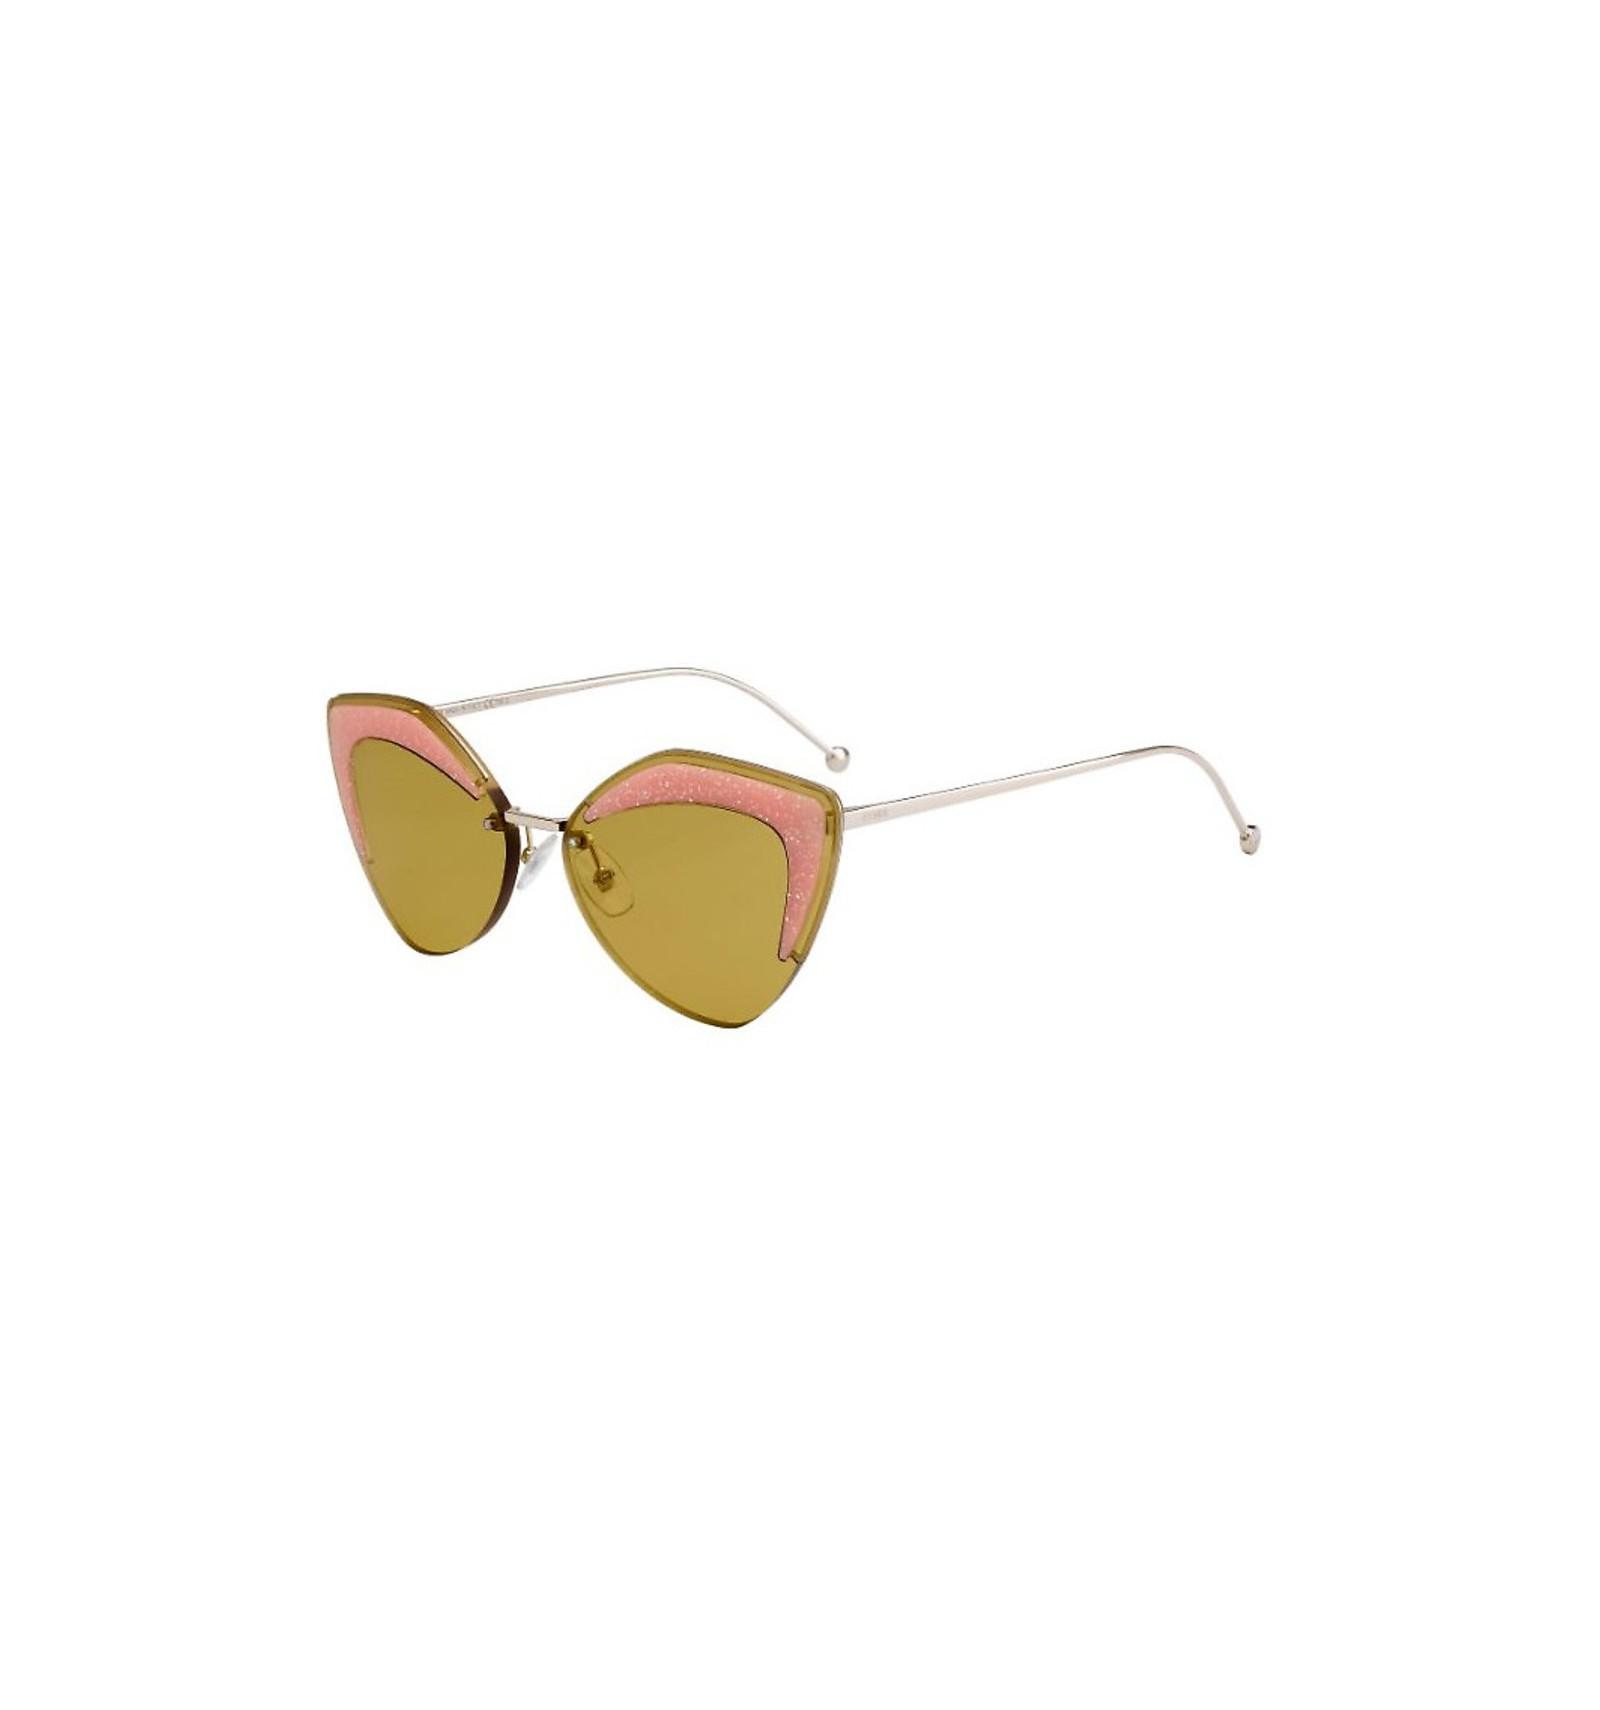 6fc5dac8a4 Nuevo 2019 Gafas de sol Fendi FF0355S Ocrhe - Brown (FMP-70)